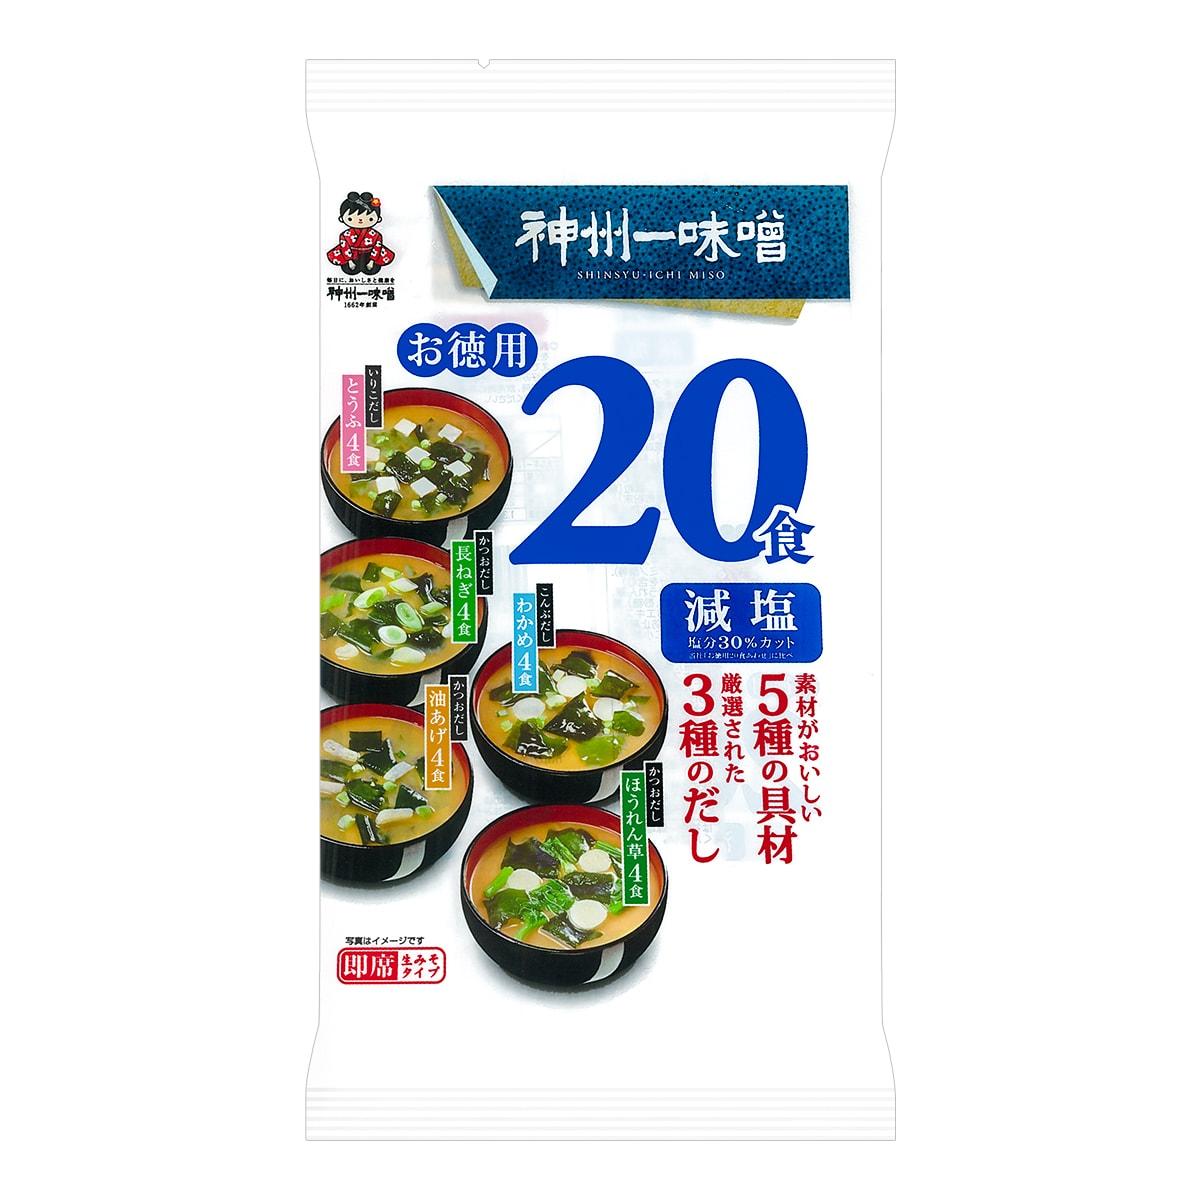 日本神州一味噌 即食味噌汤 淡盐味 20份入 302g 超值装